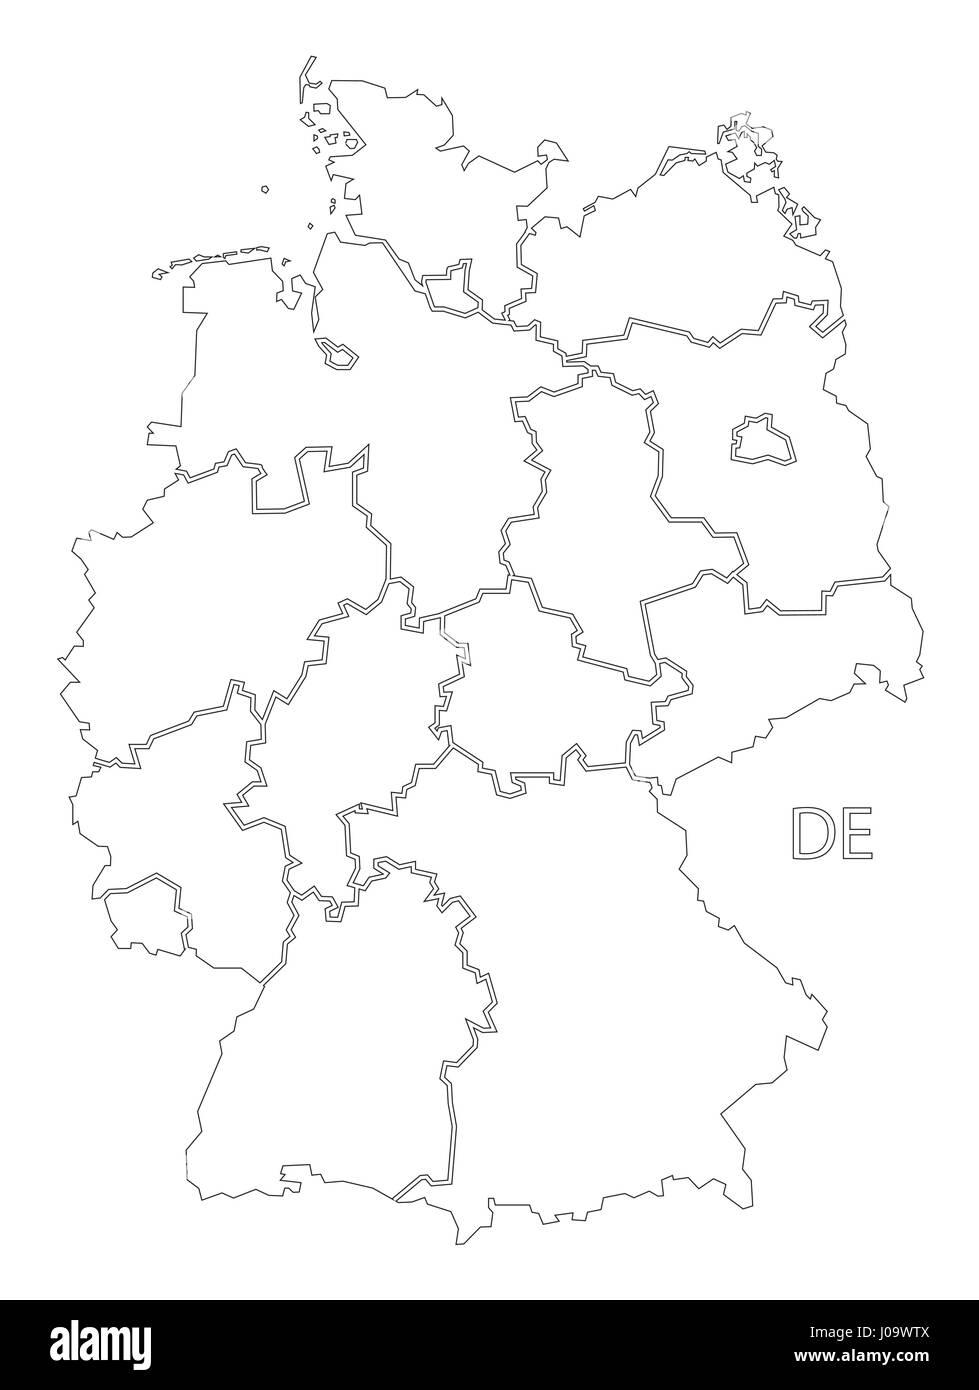 Deutschland Umriss Silhouette Karte Abbildung Mit Bundeslandern